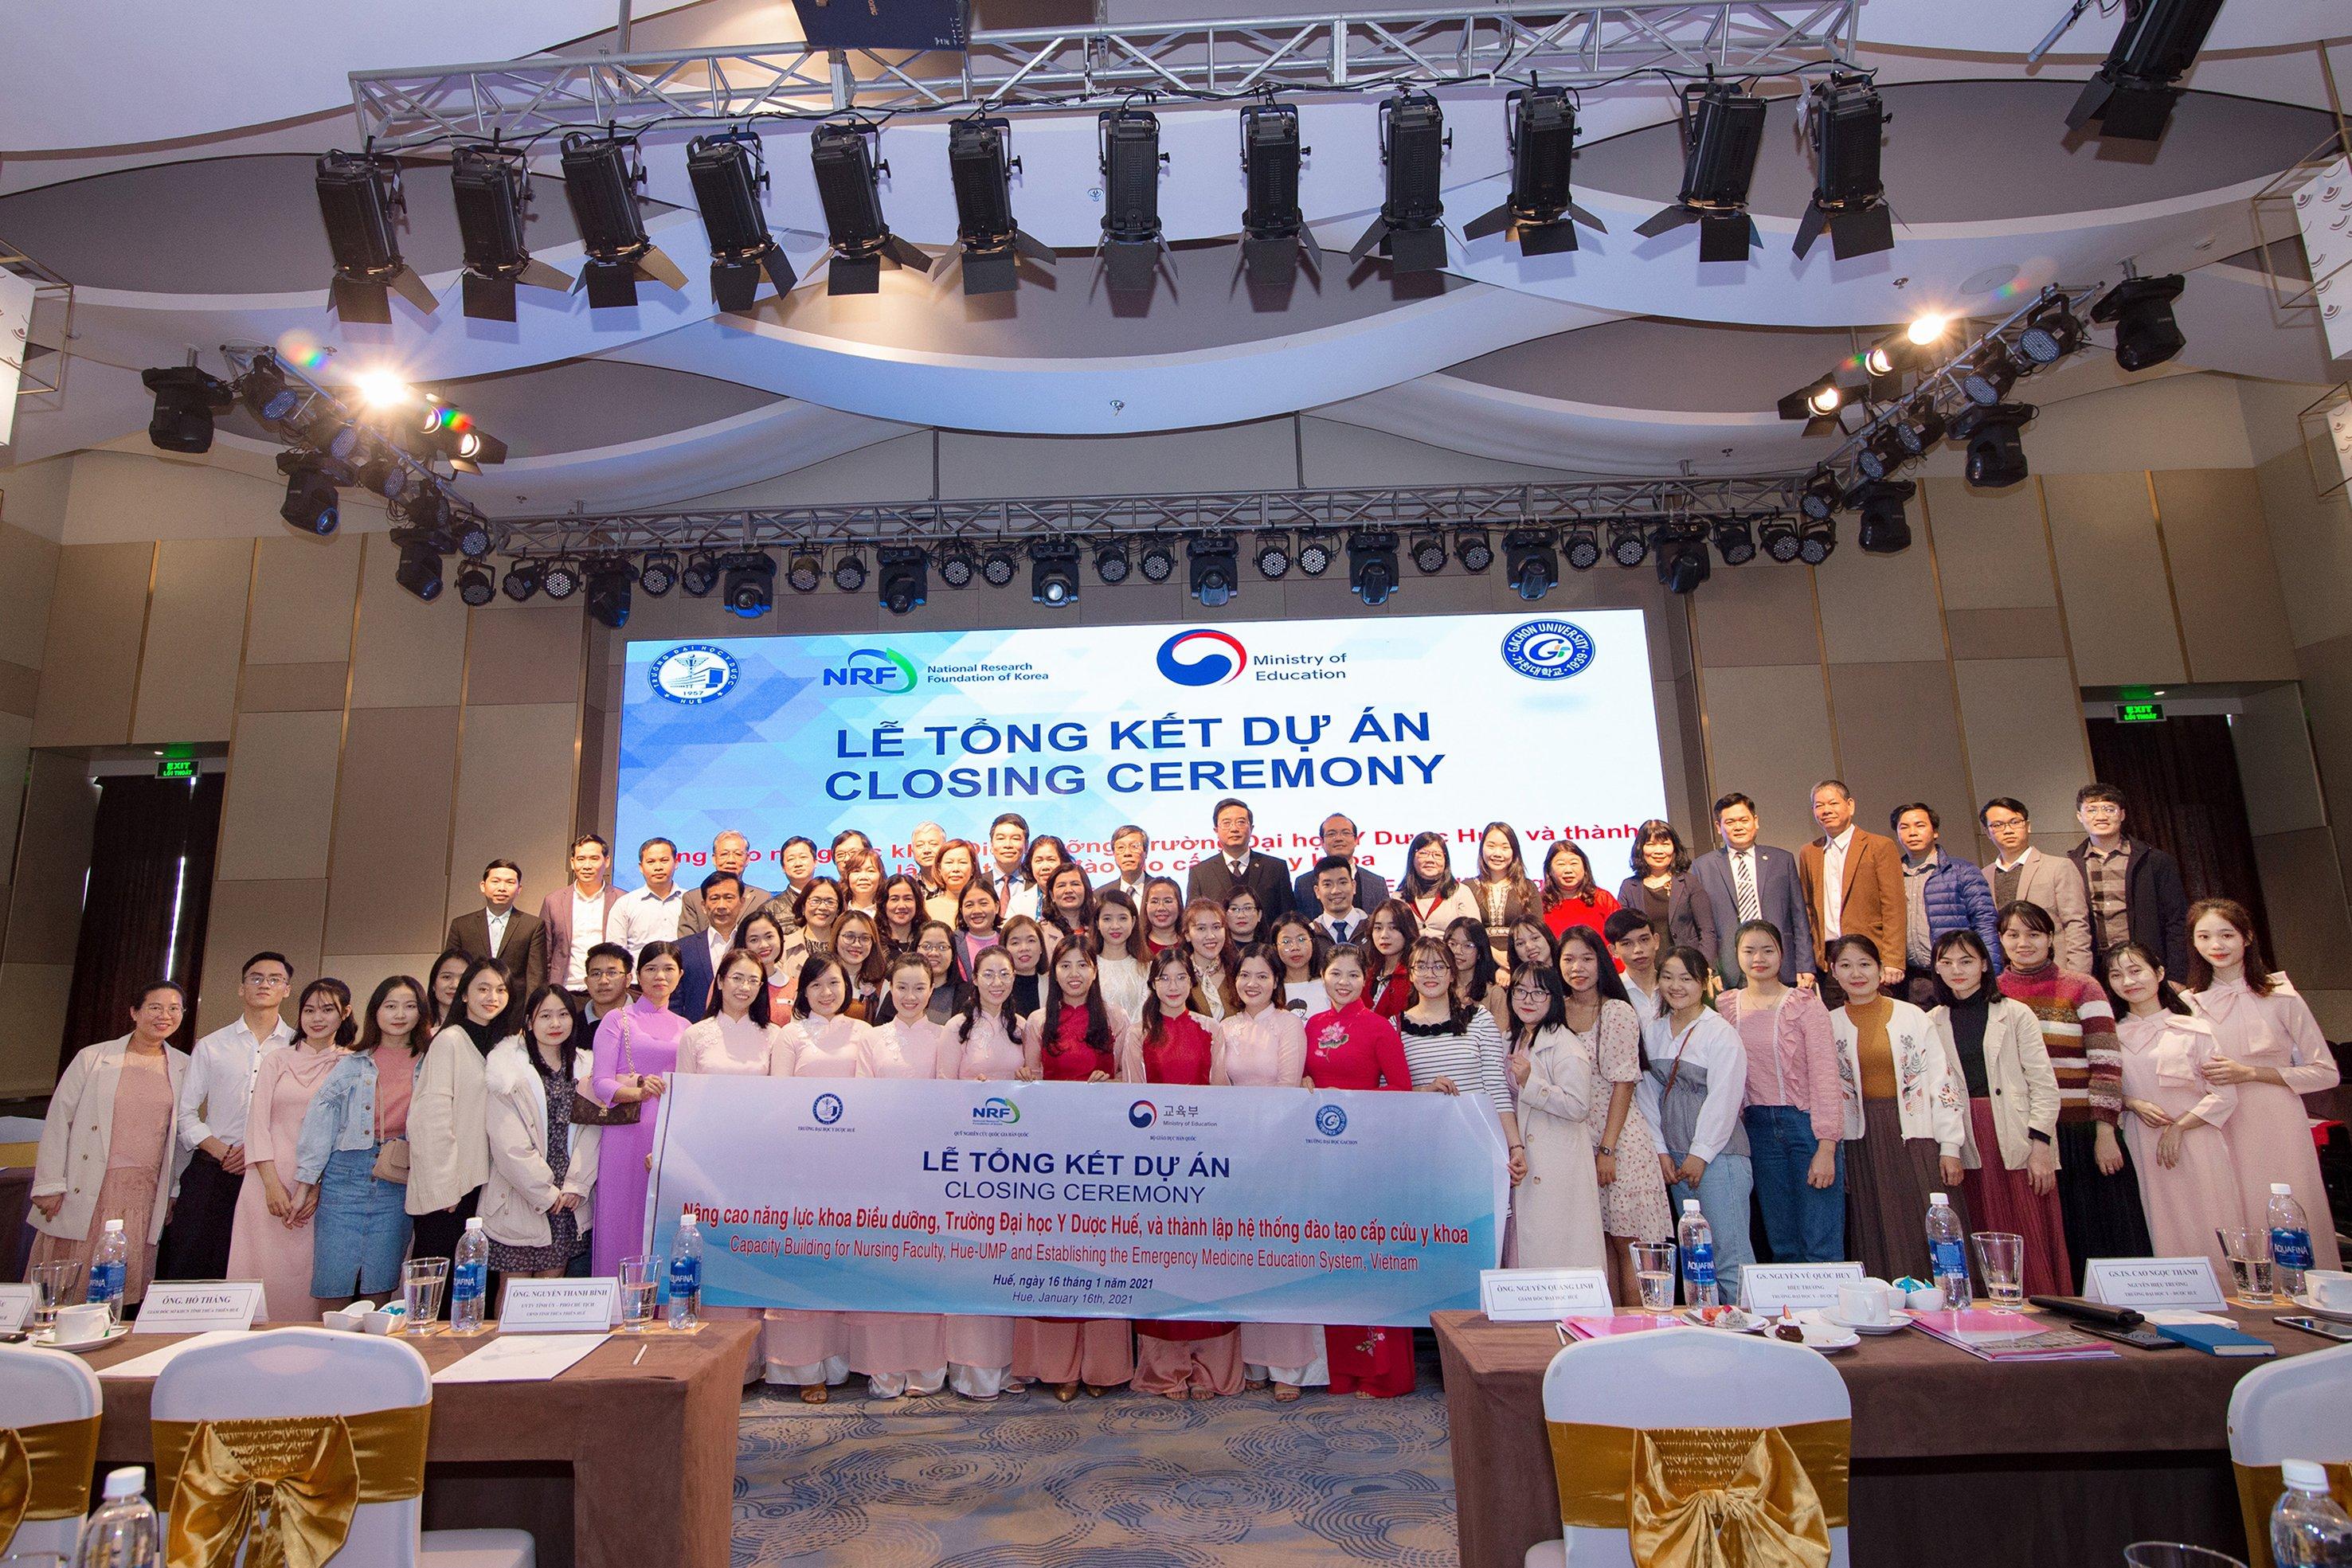 Lễ tổng kết dự án Nâng cao năng lực cho khoa Điều dưỡng, Trường Đại học Y - Dược Huế và thành lập hệ thống đào tạo y khoa